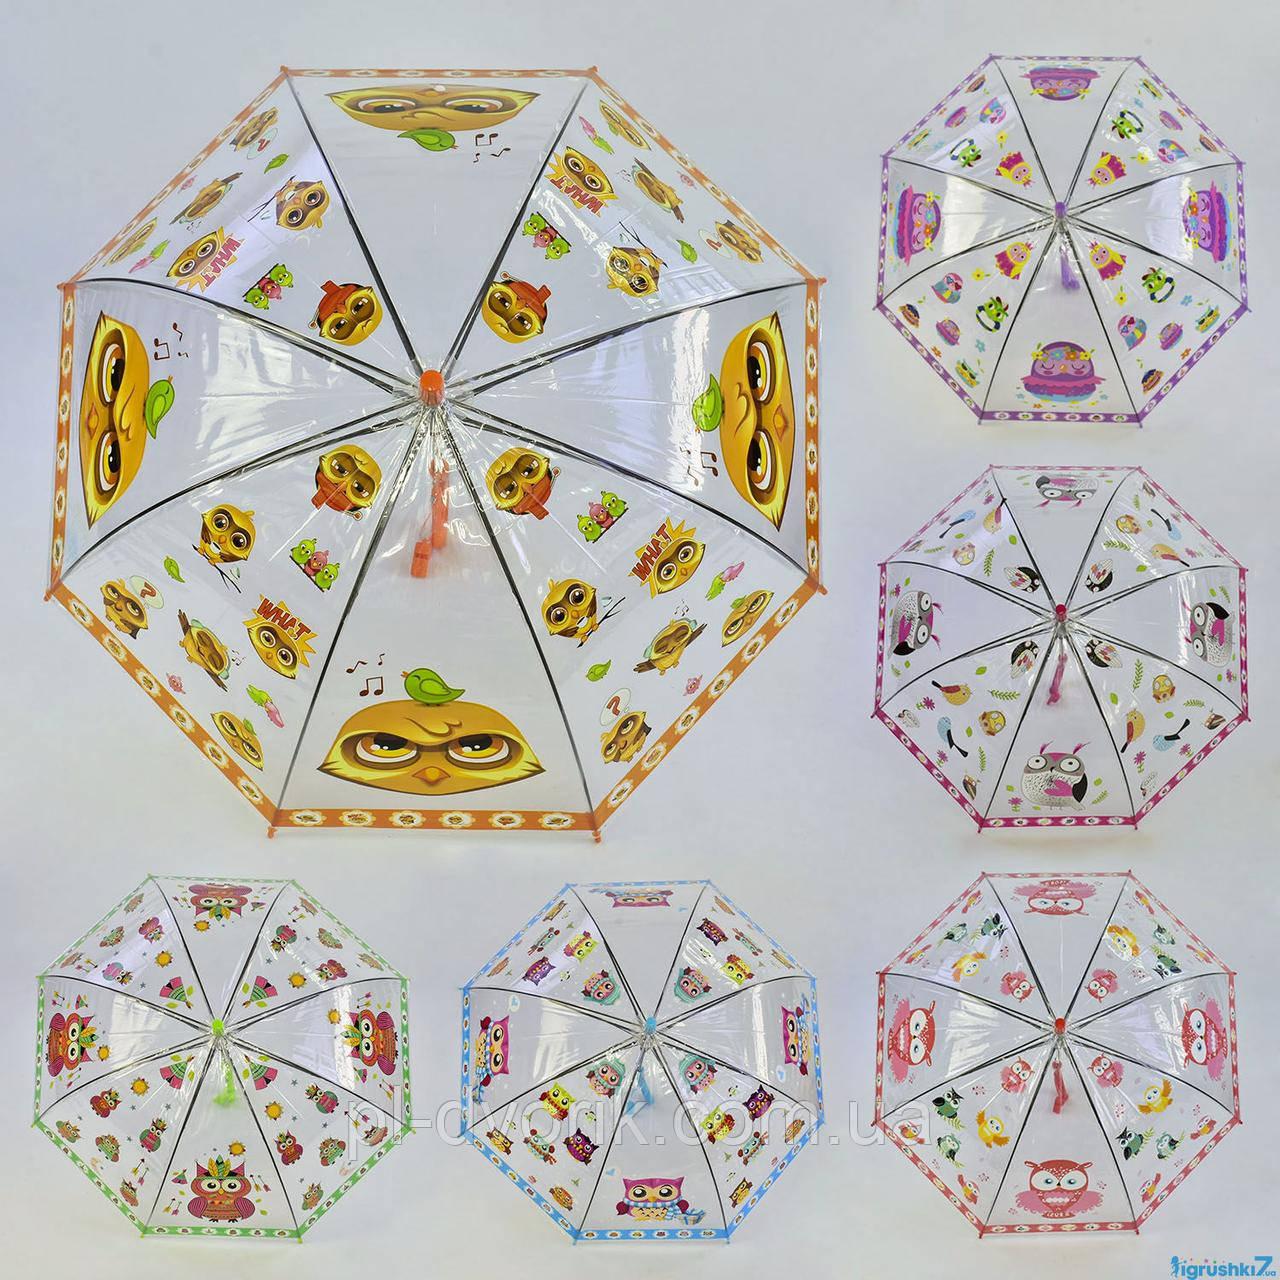 Зонтик детский С 36383 (60) 6 видов, d=74см, глубокий купол  цена 80